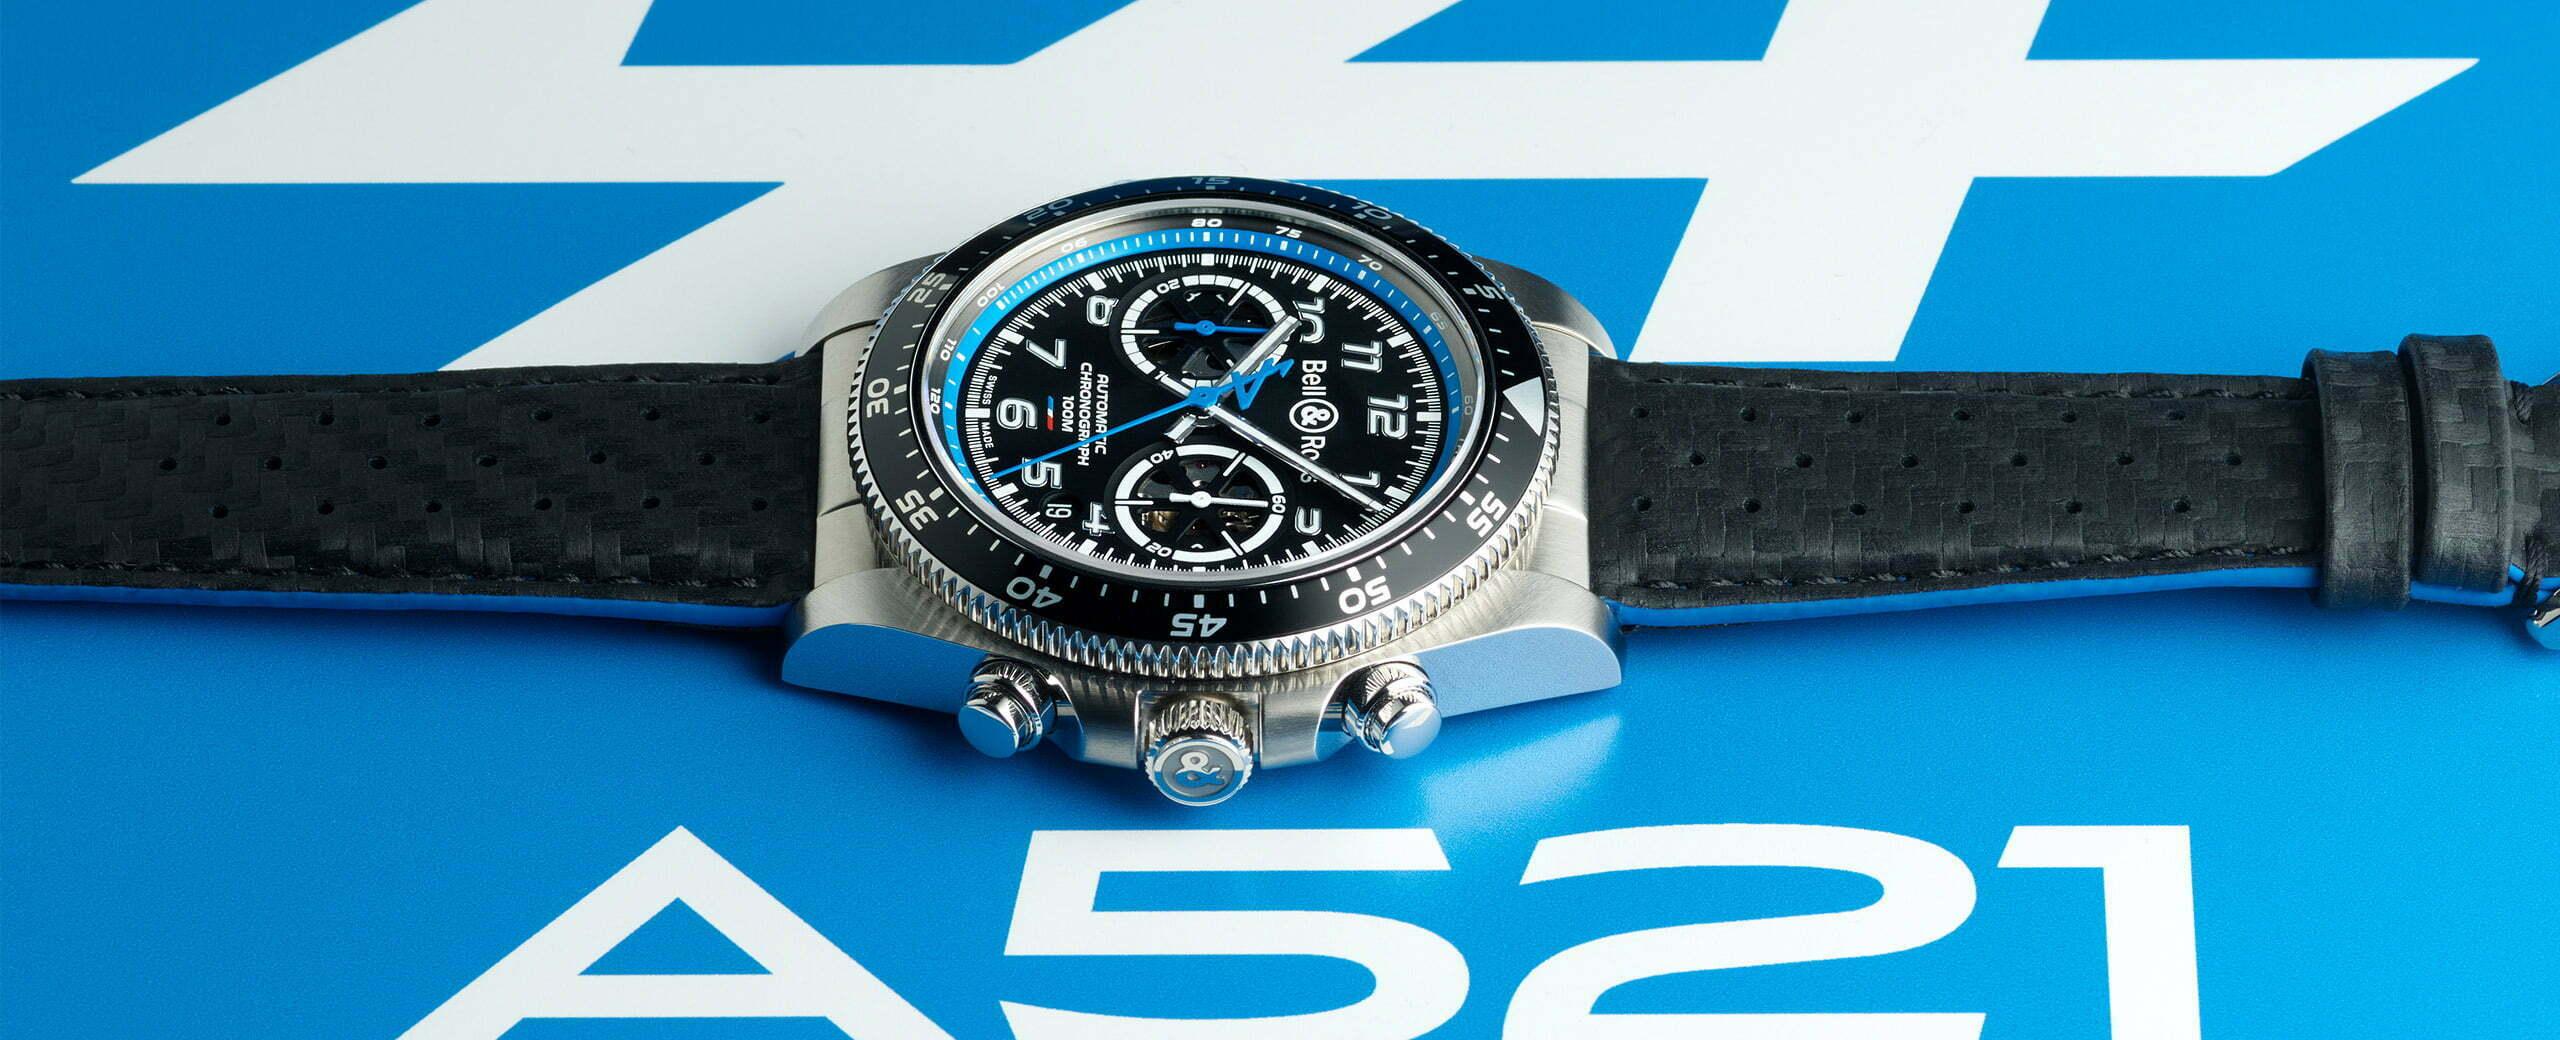 BRV394 A521 leather slider 2560x1040 1   Bell & Ross devient le nouveau partenaire horloger officiel d'Alpine 2021